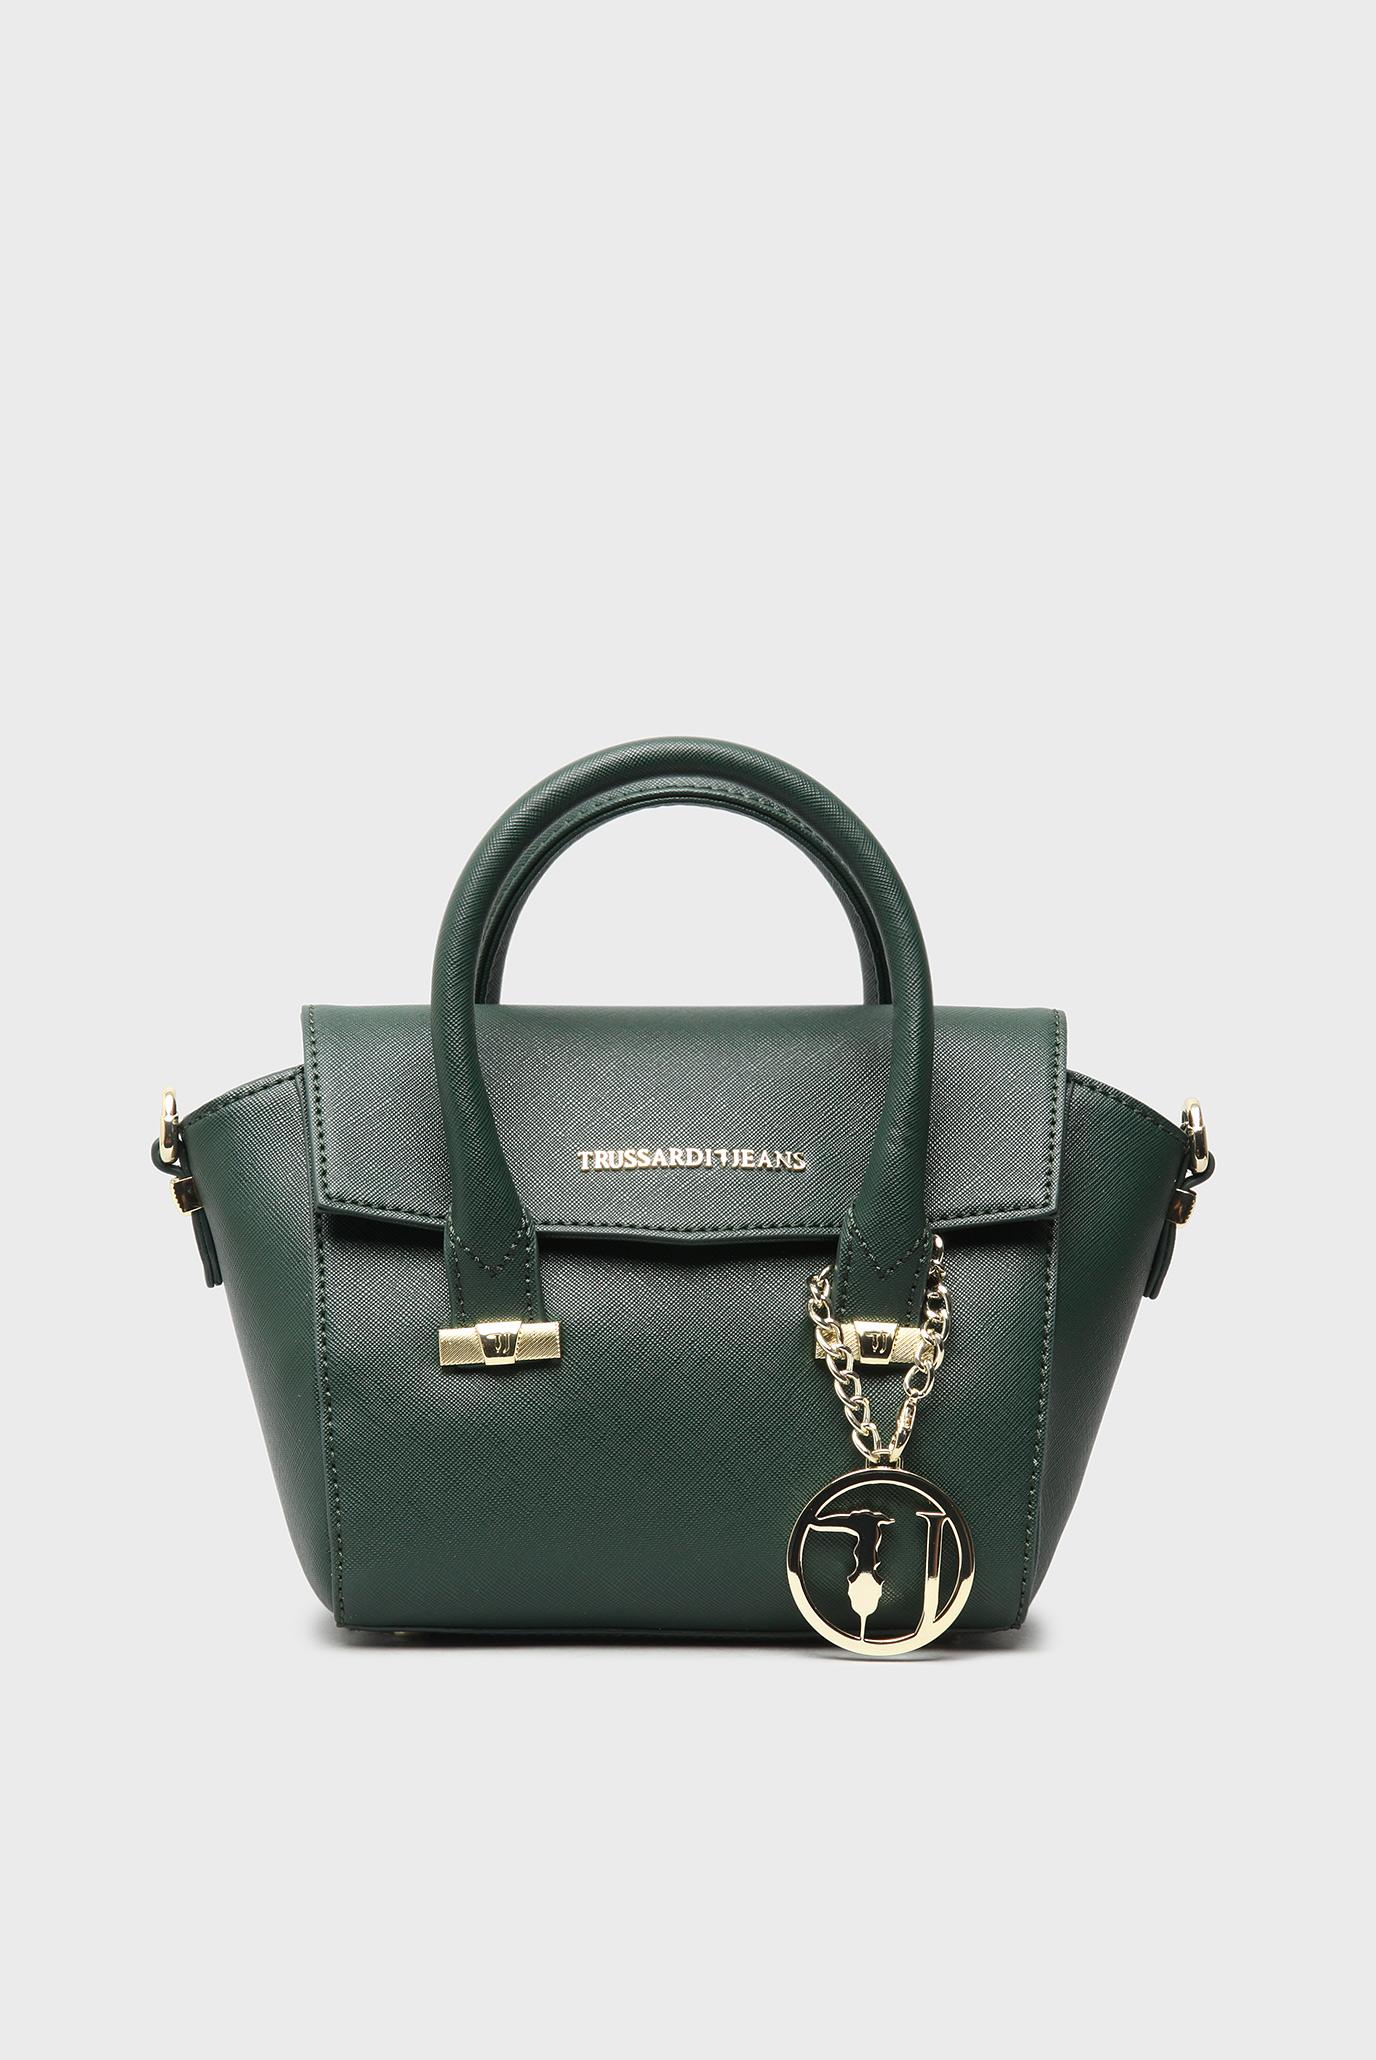 40e70e455416 Купить Женская зеленая сумка на плечо Trussardi Jeans Trussardi Jeans  1Y090122/75B00019 – Киев, Украина. Цены в ...